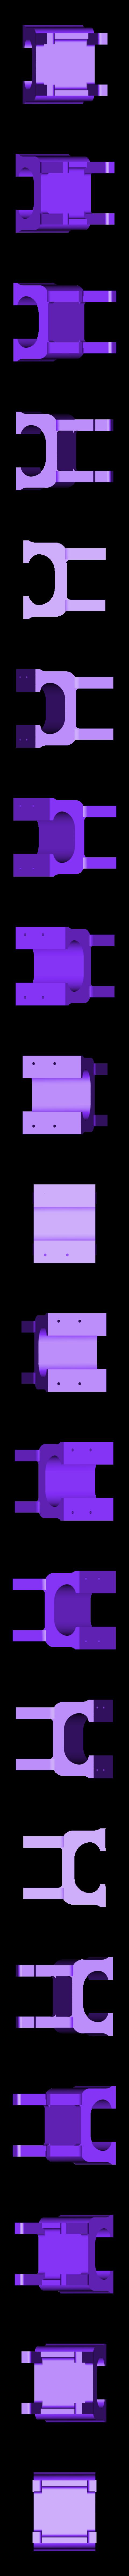 servo_mount2_ver2.STL Télécharger fichier STL gratuit Traxbot - une construction EZ-robot • Design imprimable en 3D, Laevalia